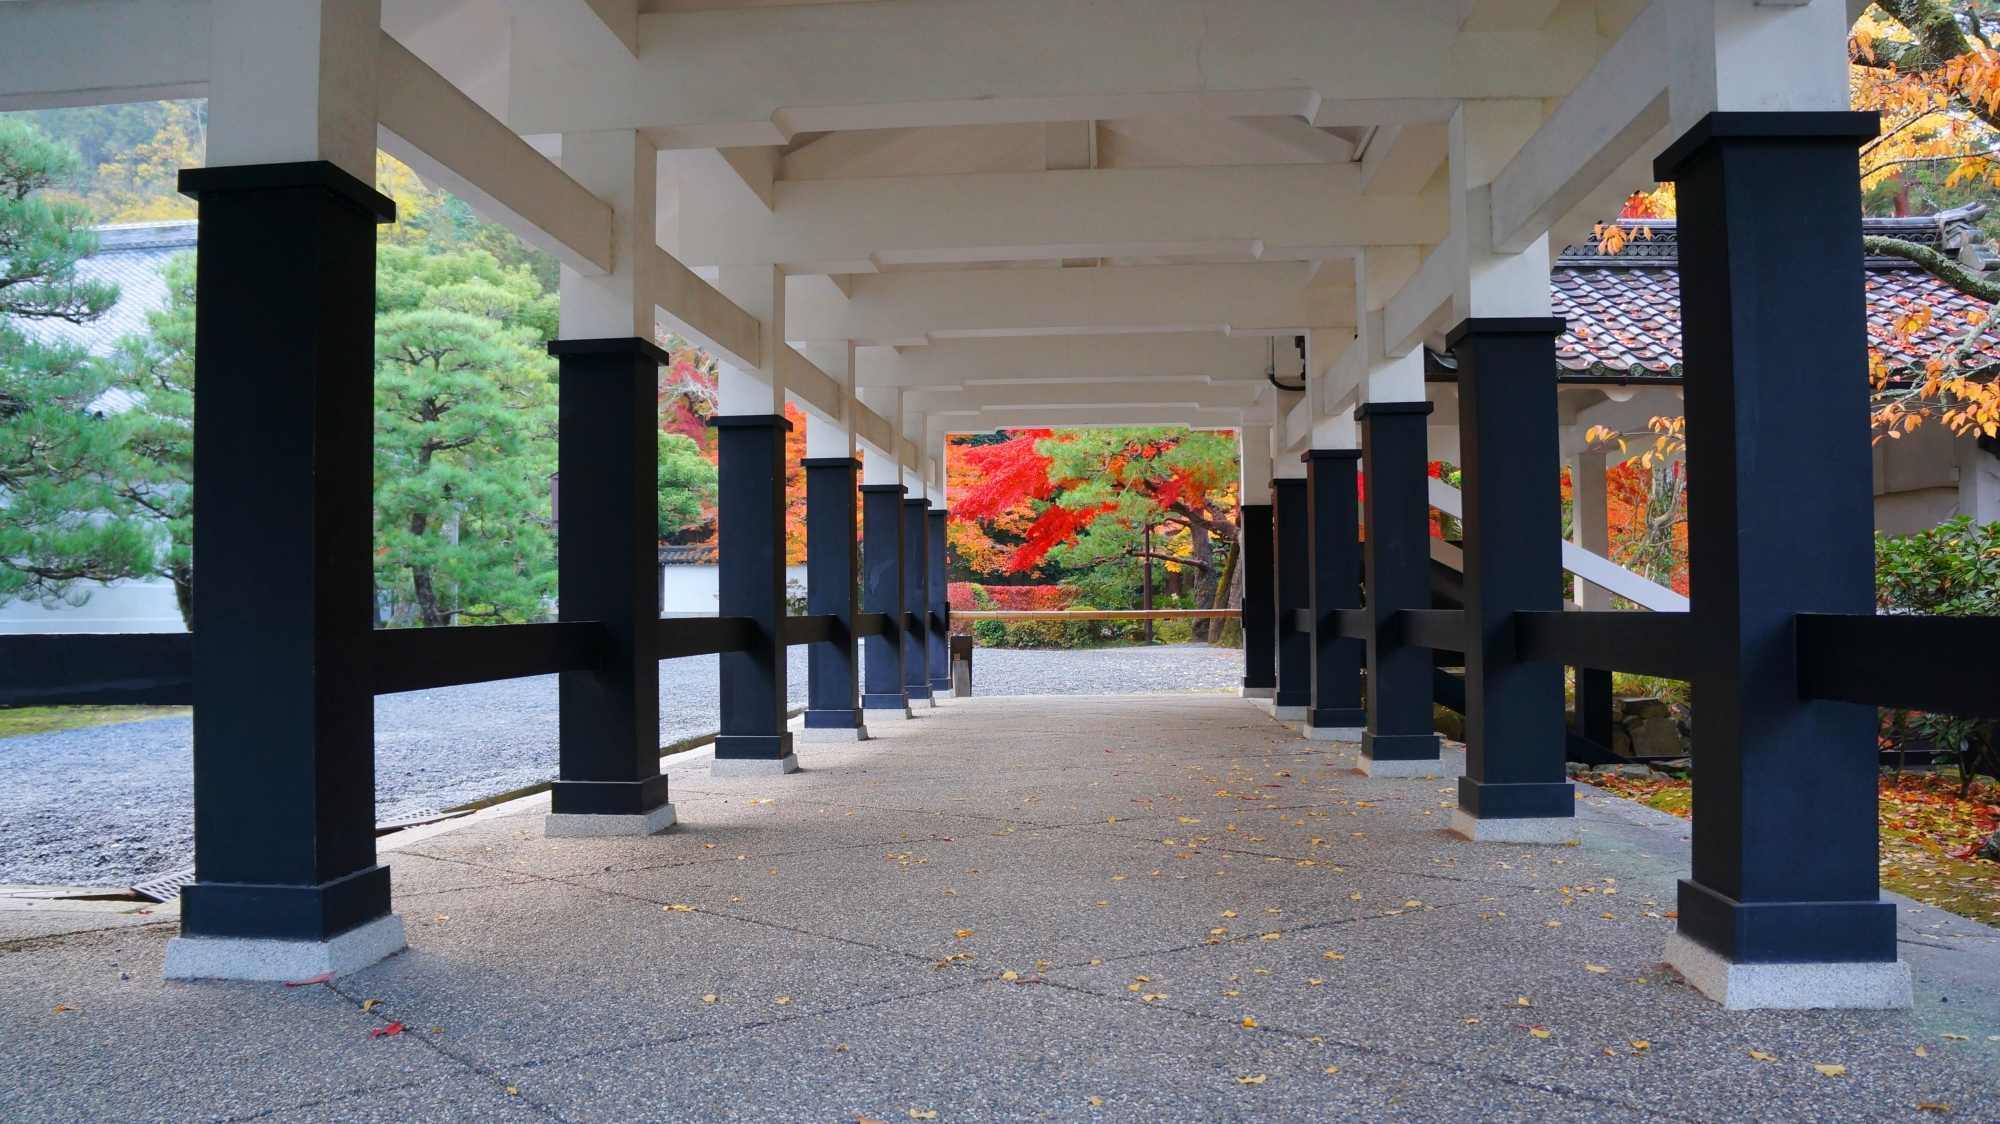 回廊の先で賑わう緑の松と赤い紅葉